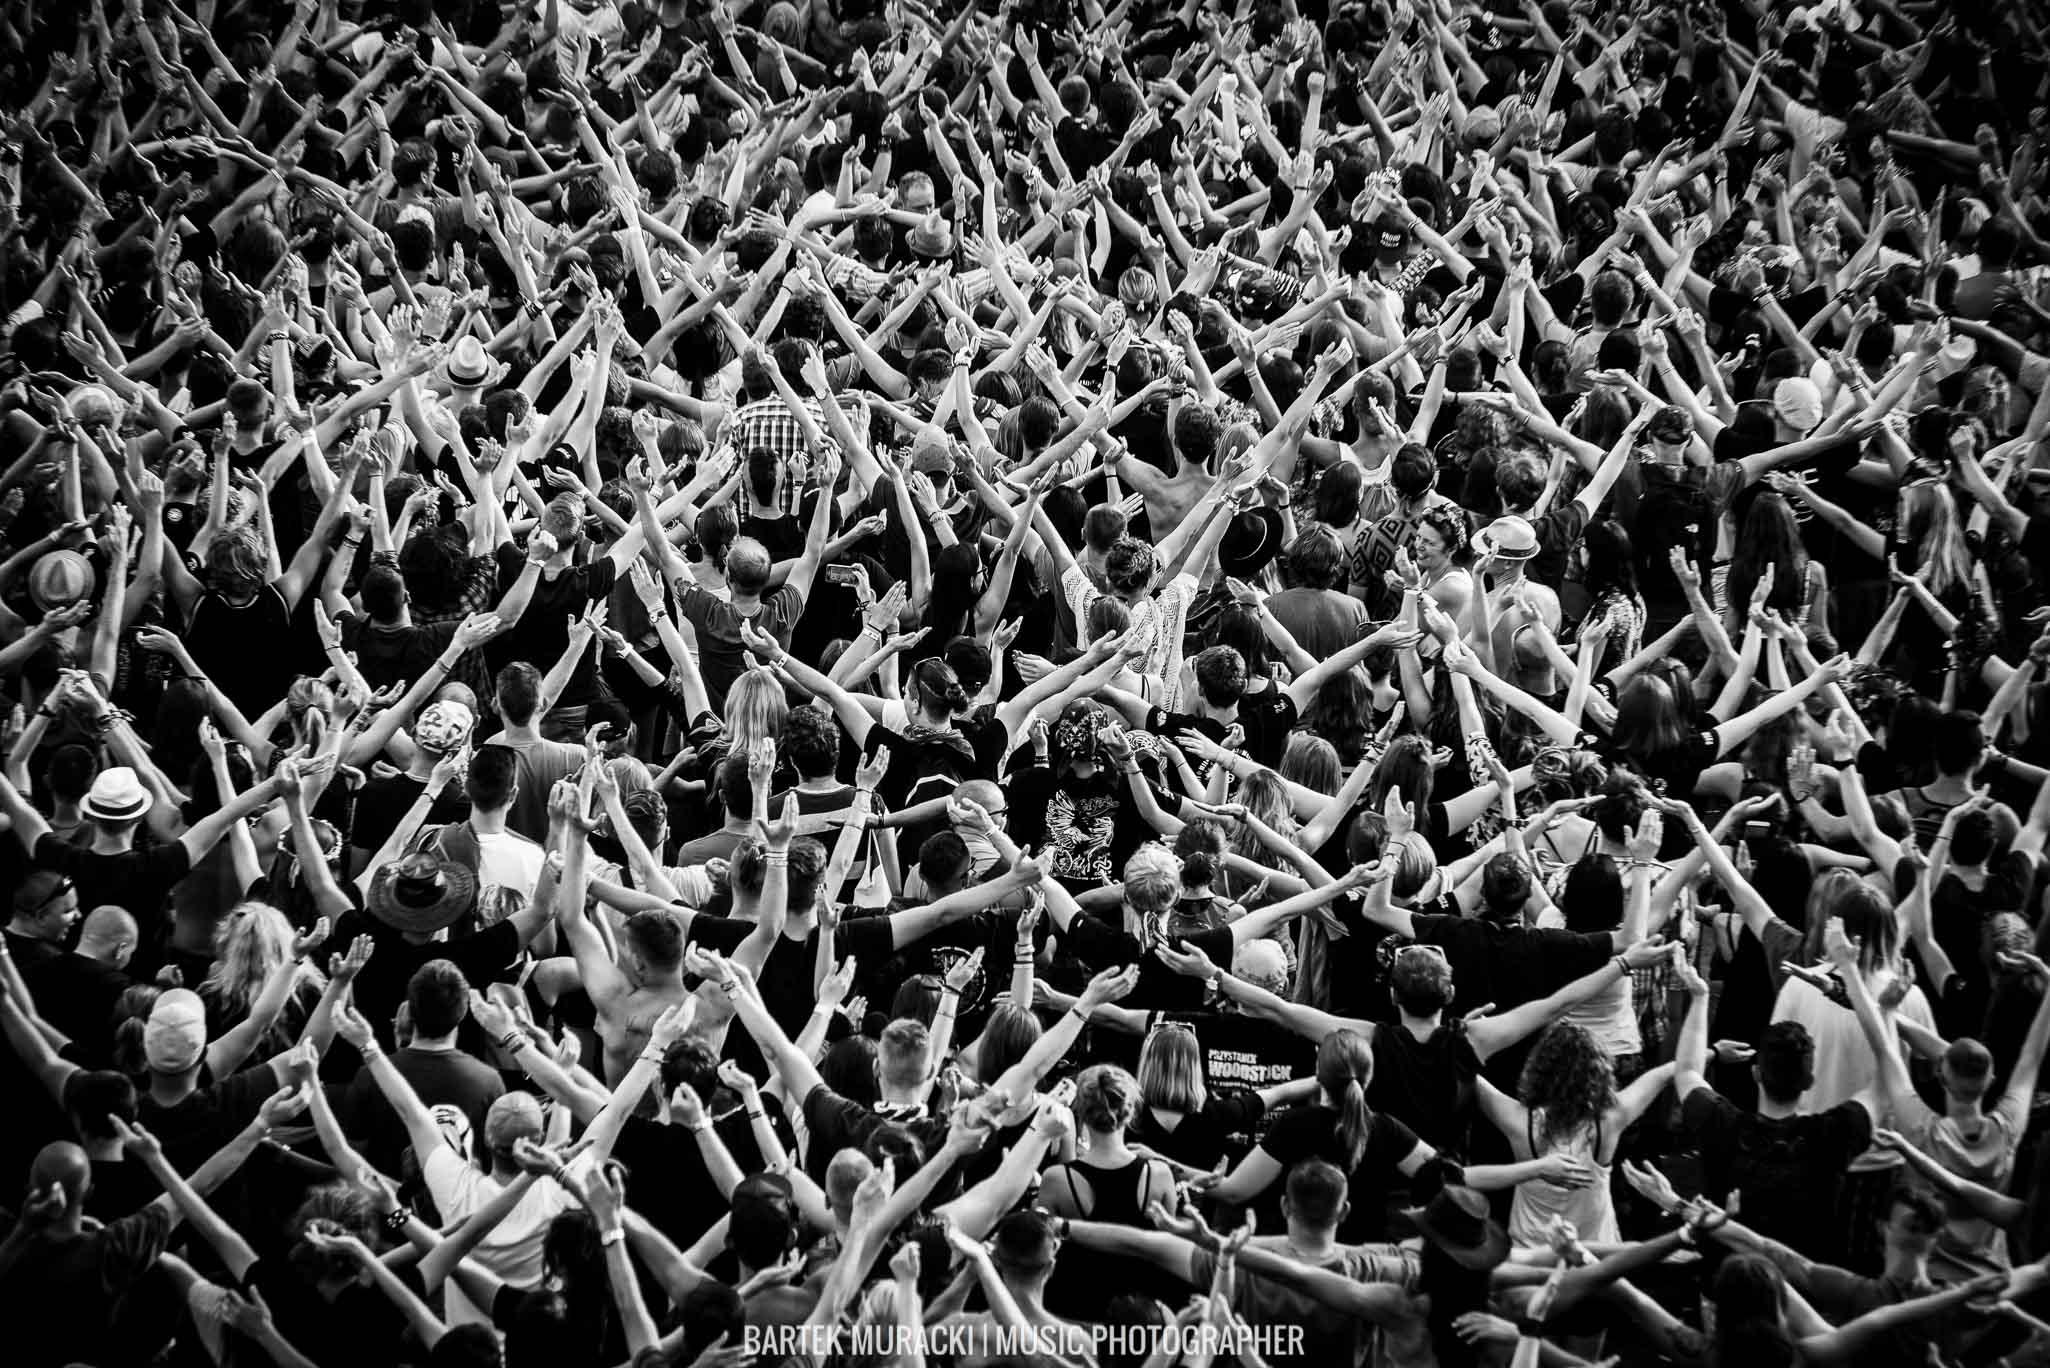 Przystanek-Woodstock-2016-WB-foto-Bartek-Muracki--506884